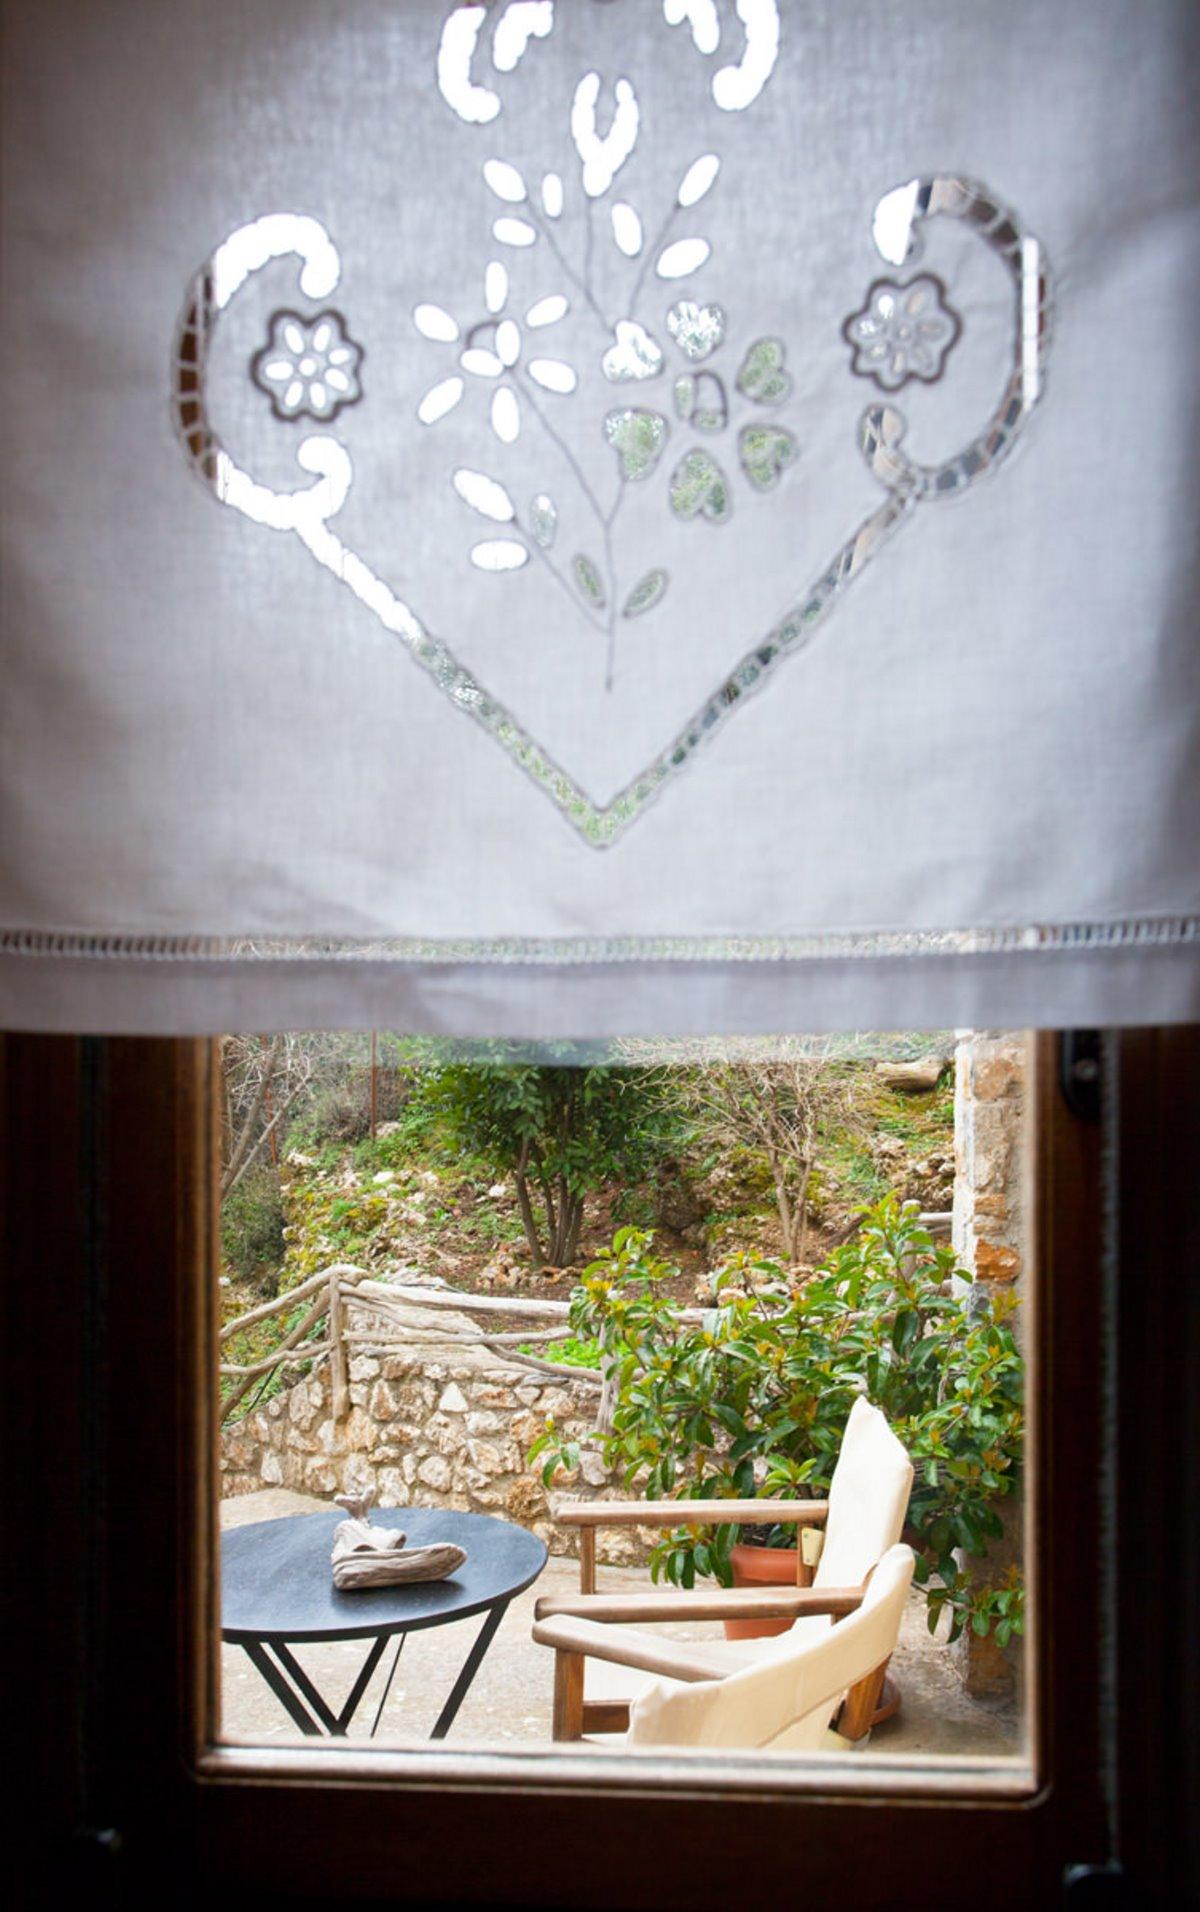 Ξενώνας Μπελλαίικο Στεμνίτσα θέα μέσα από παράθυρο